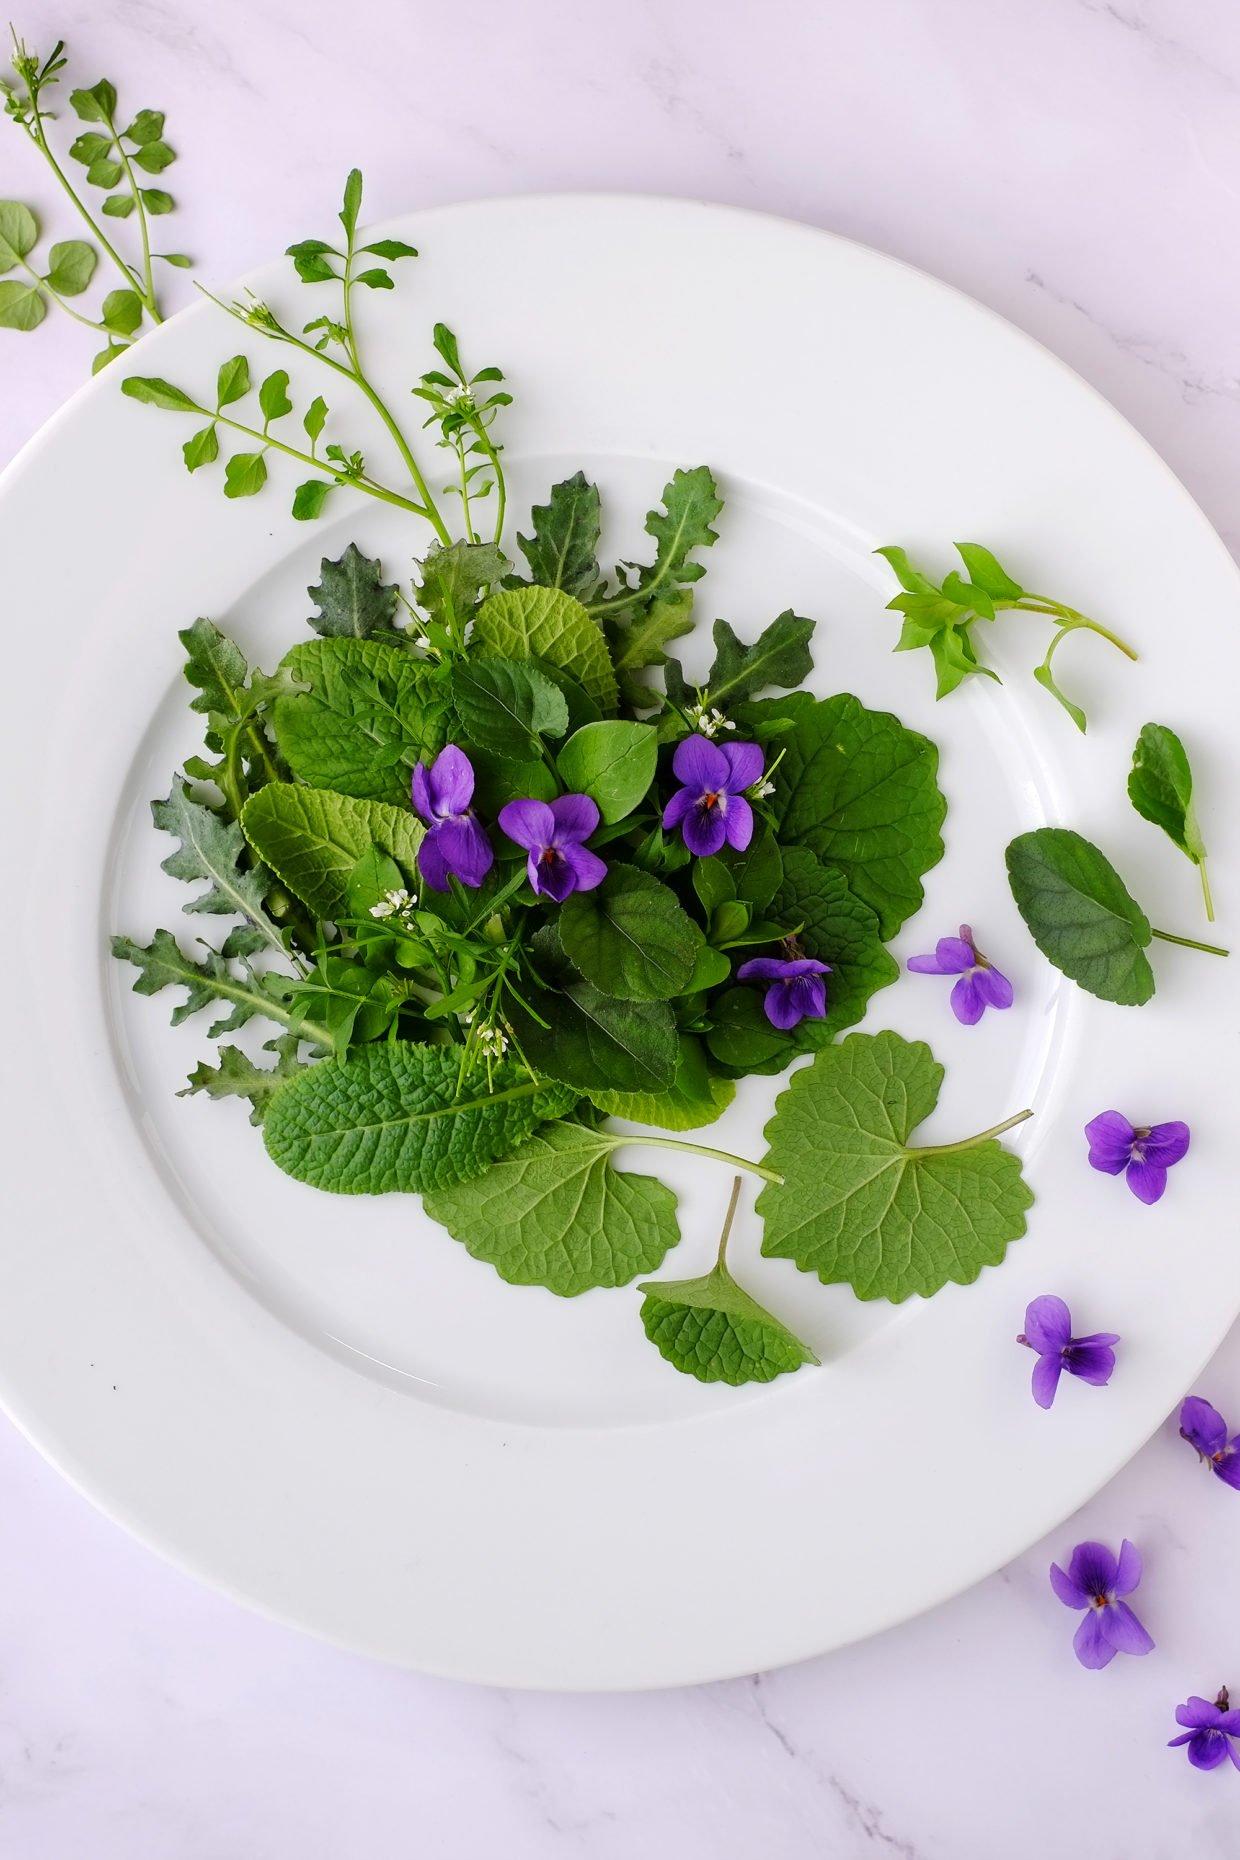 Misticanza d'inizio marzo con fiori di violetta e cardamine 43